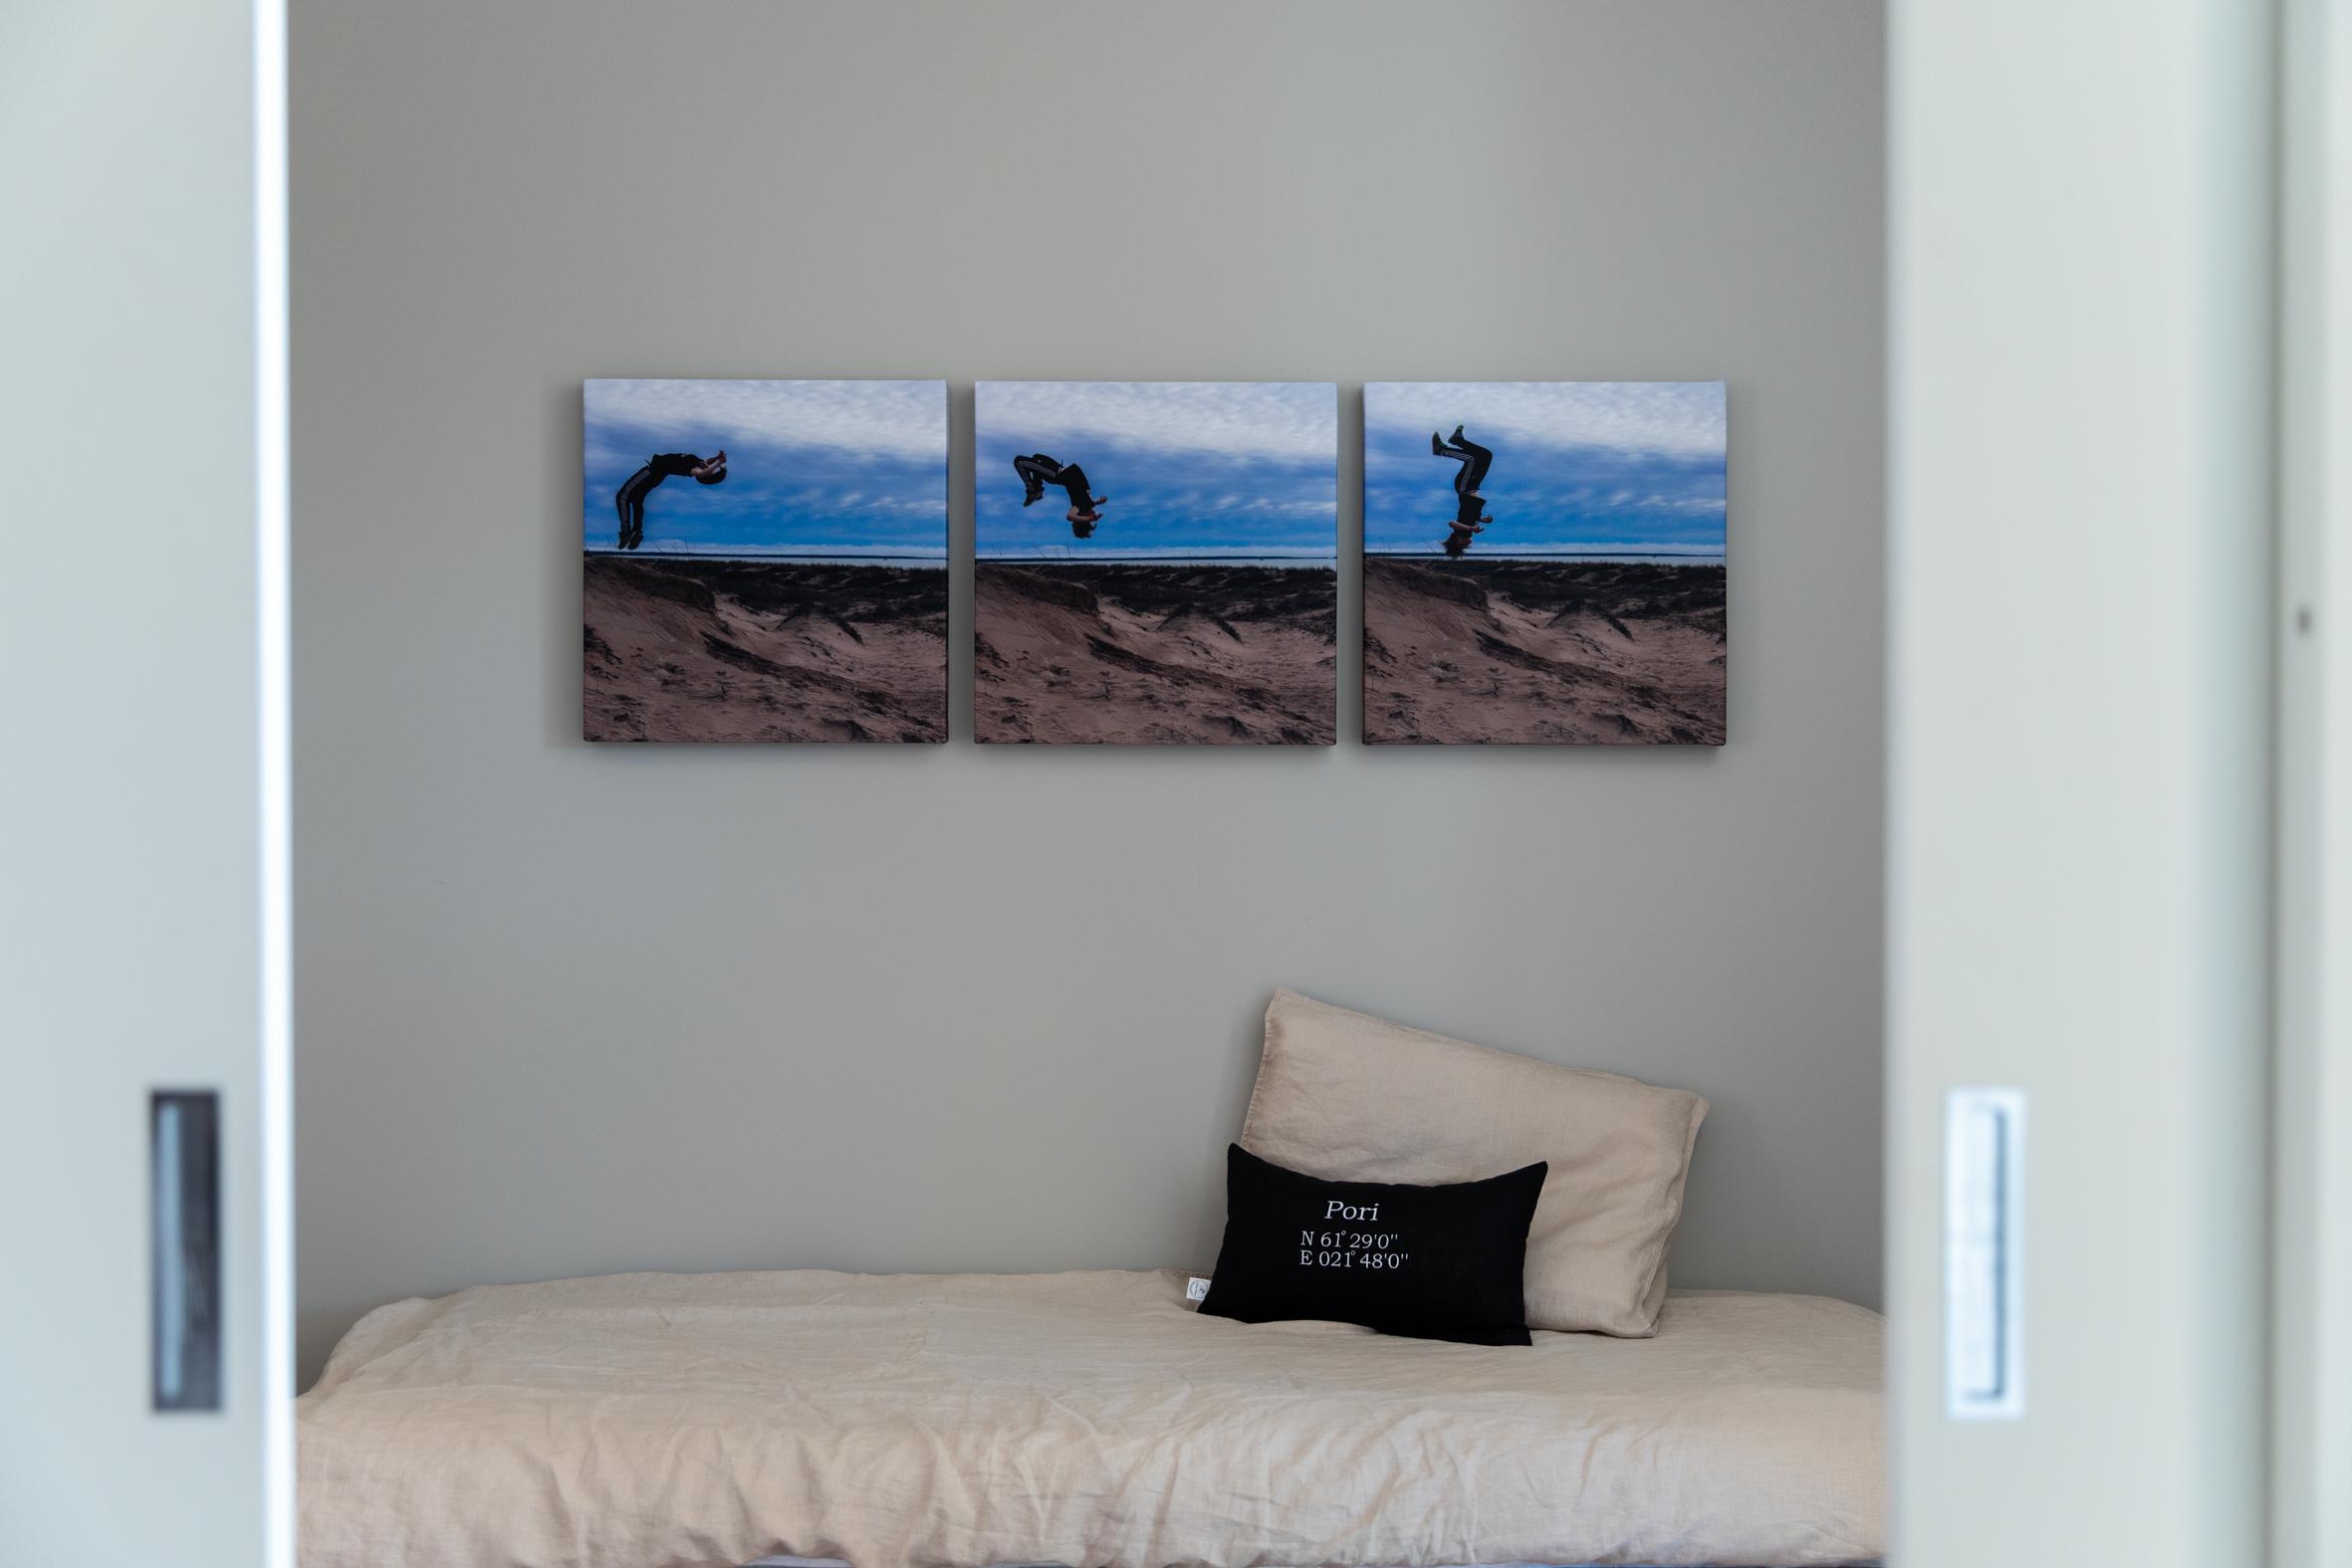 Perheen teinipojan huoneessa akustiikkalevyt toteutettiin valokuvina.